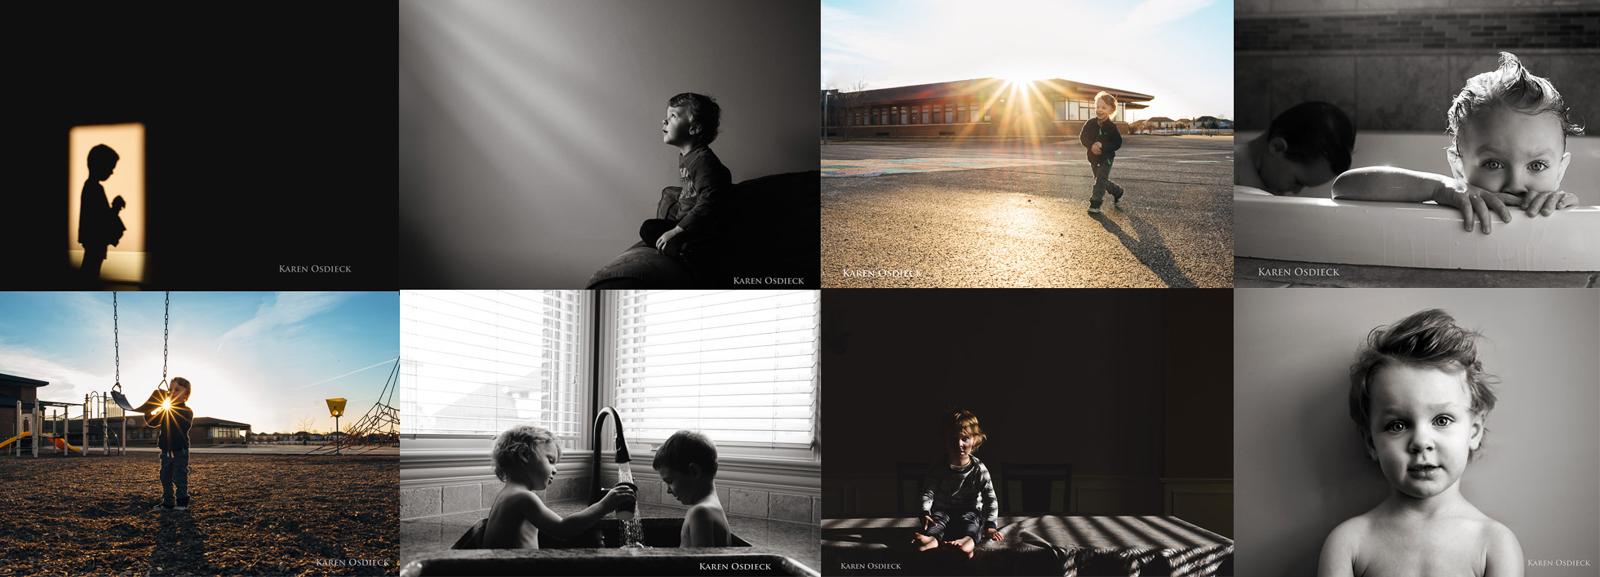 Karen Osdieck Photography